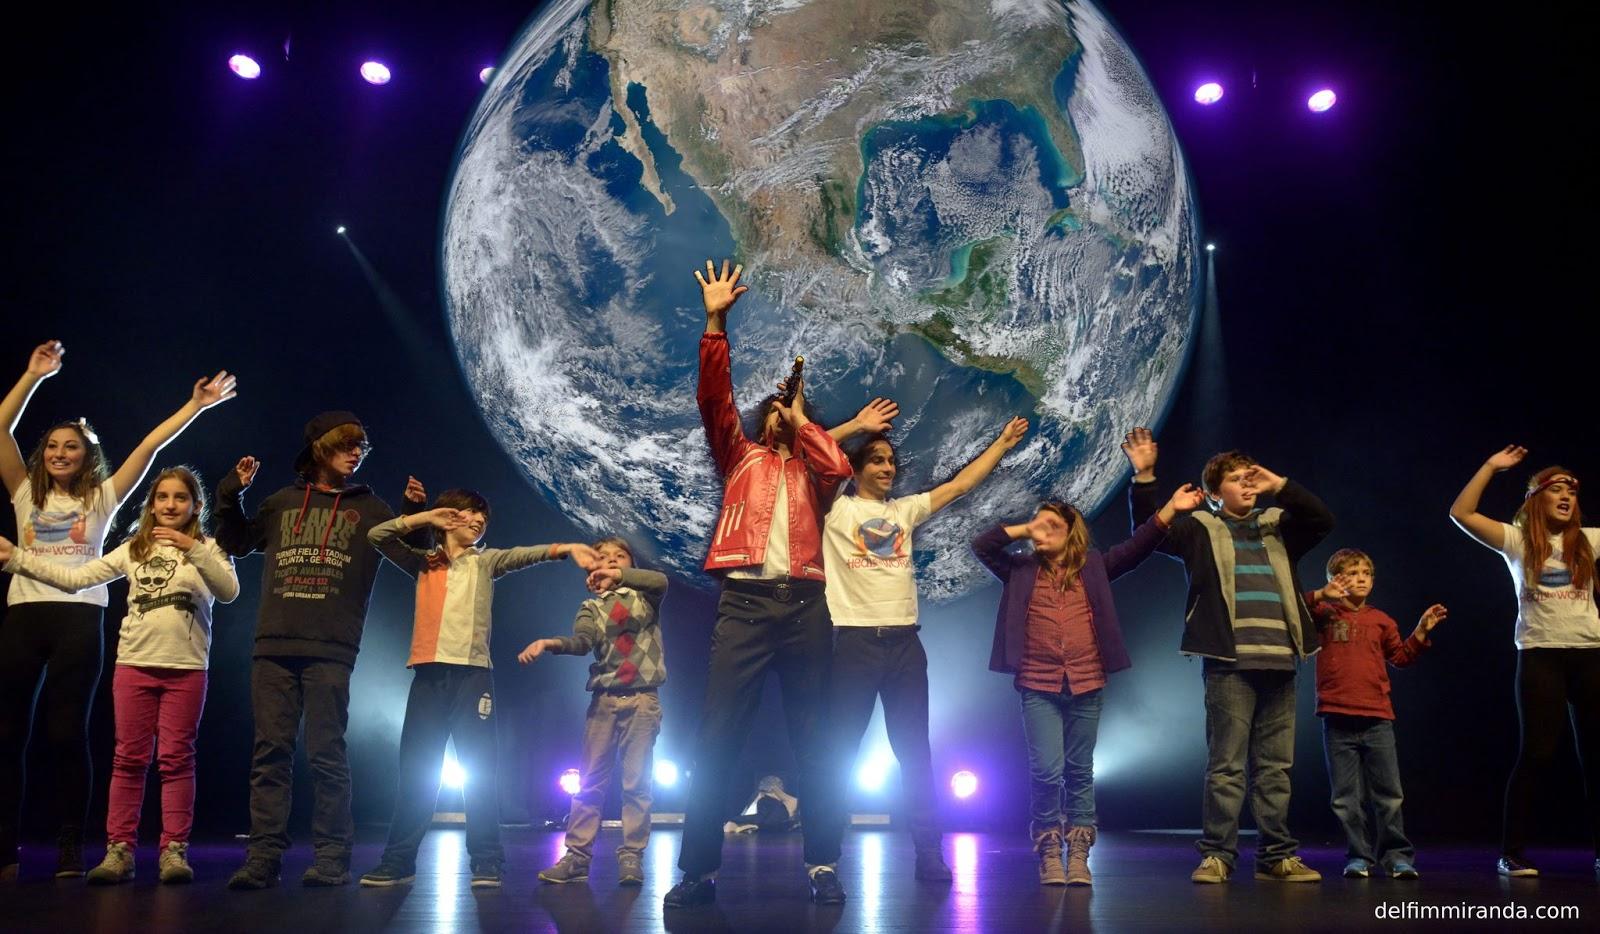 Delfim Miranda - Michael Jackson Tribute - Heal the World - Public invited in performance